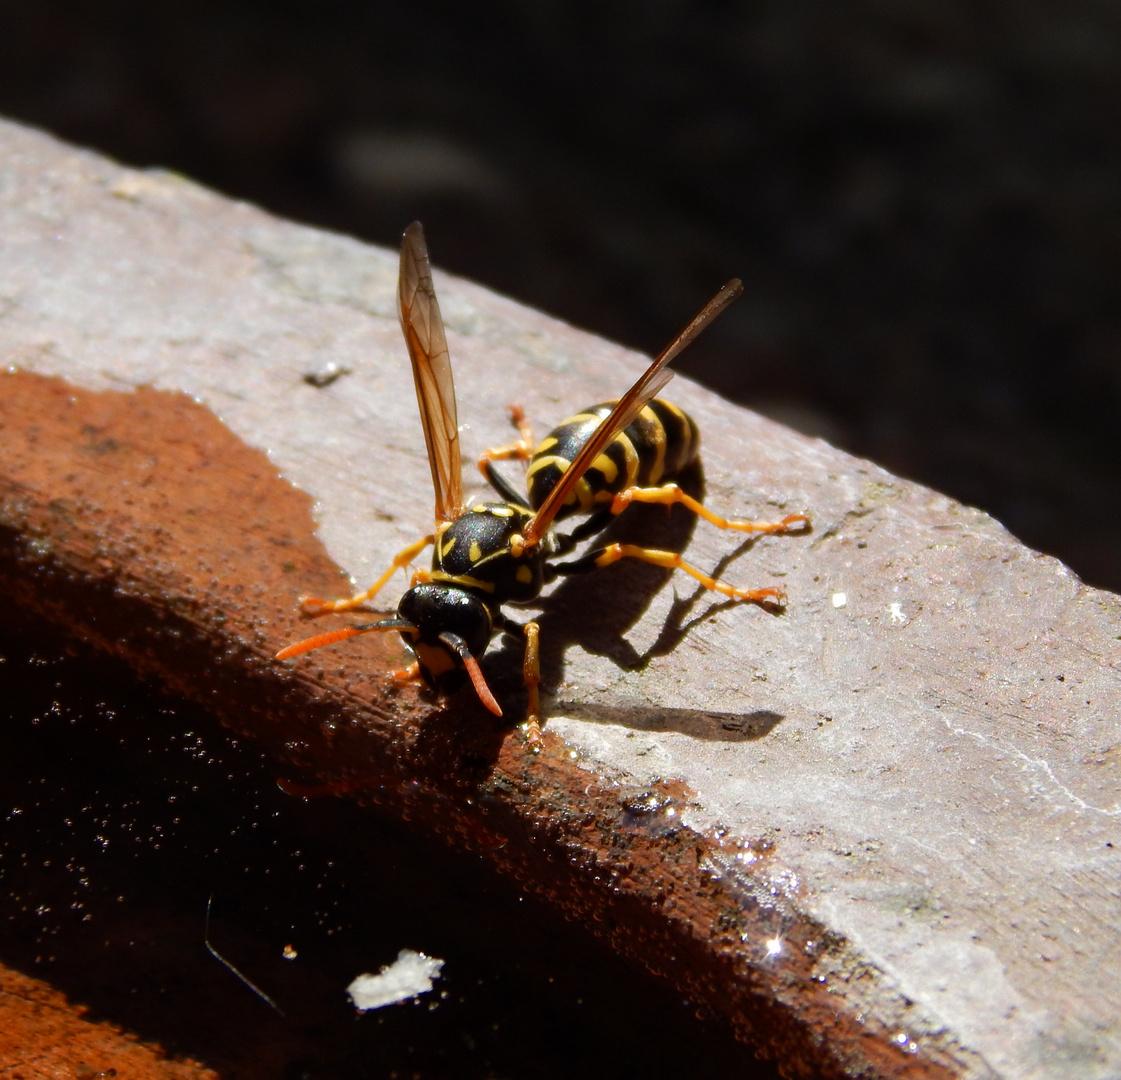 Gib der Wespe Zucker.